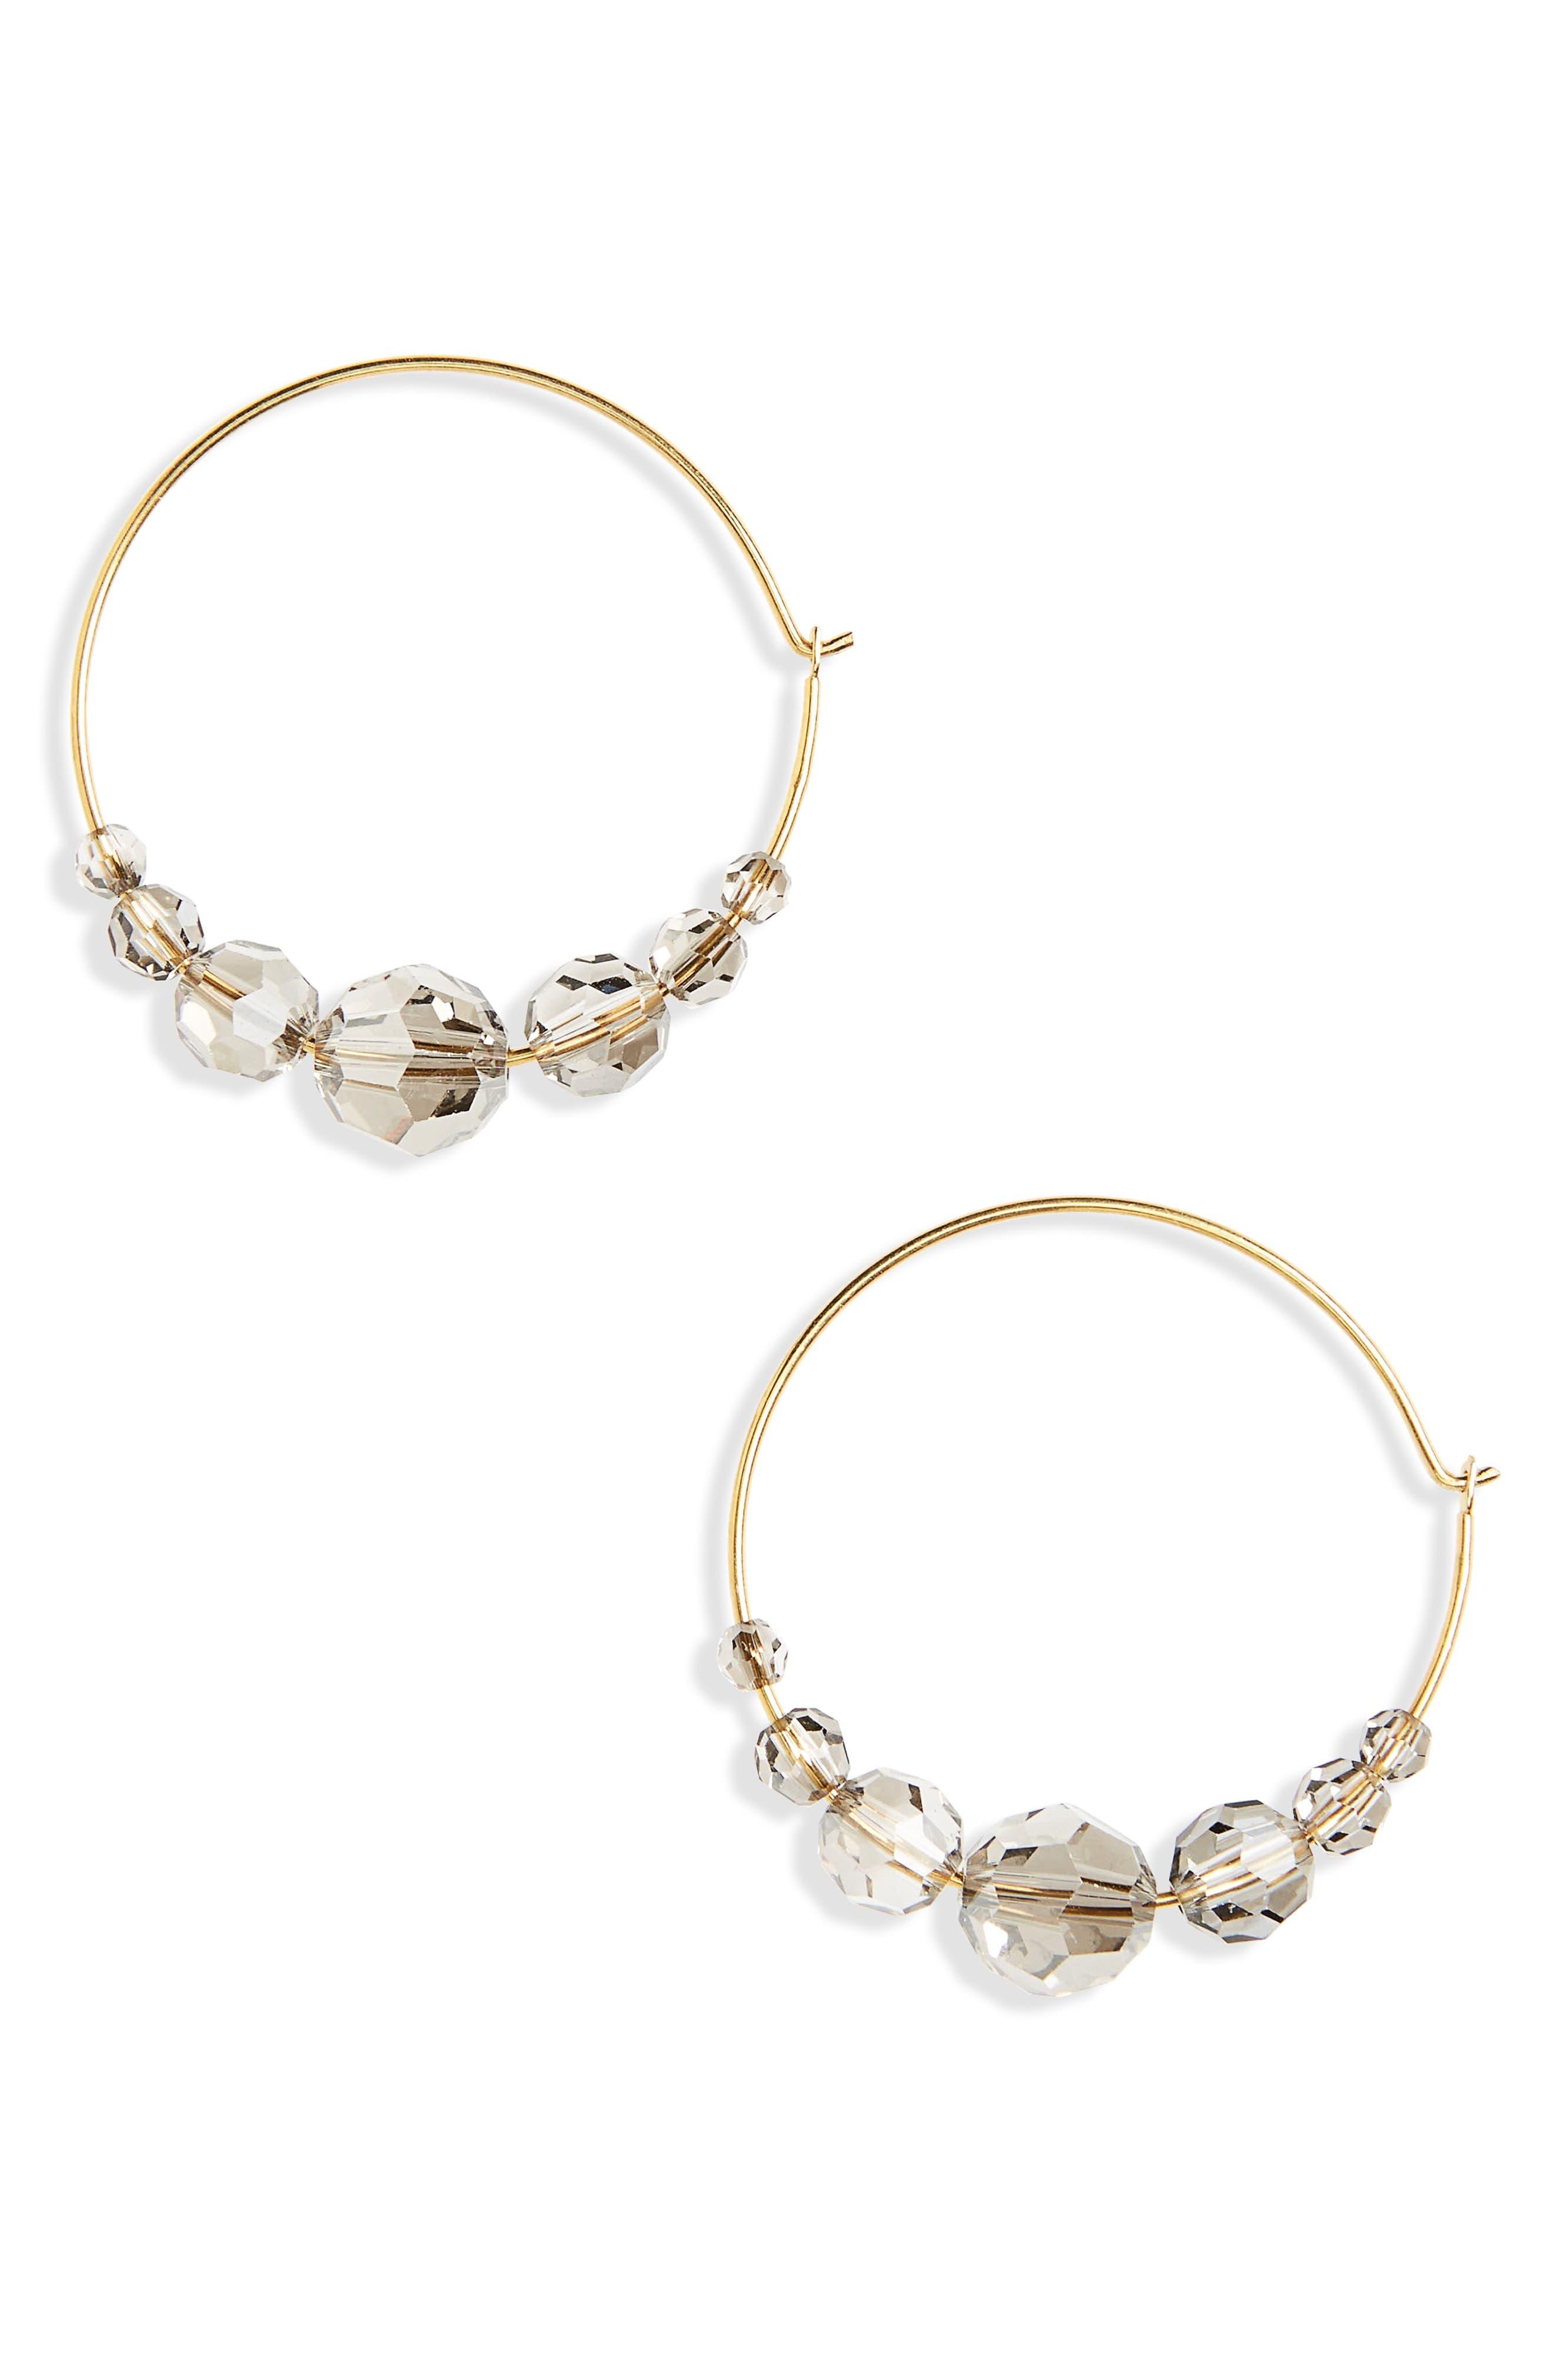 Alternate Image 1 Selected - Chan Luu Graduated Crystal Hoop Earrings